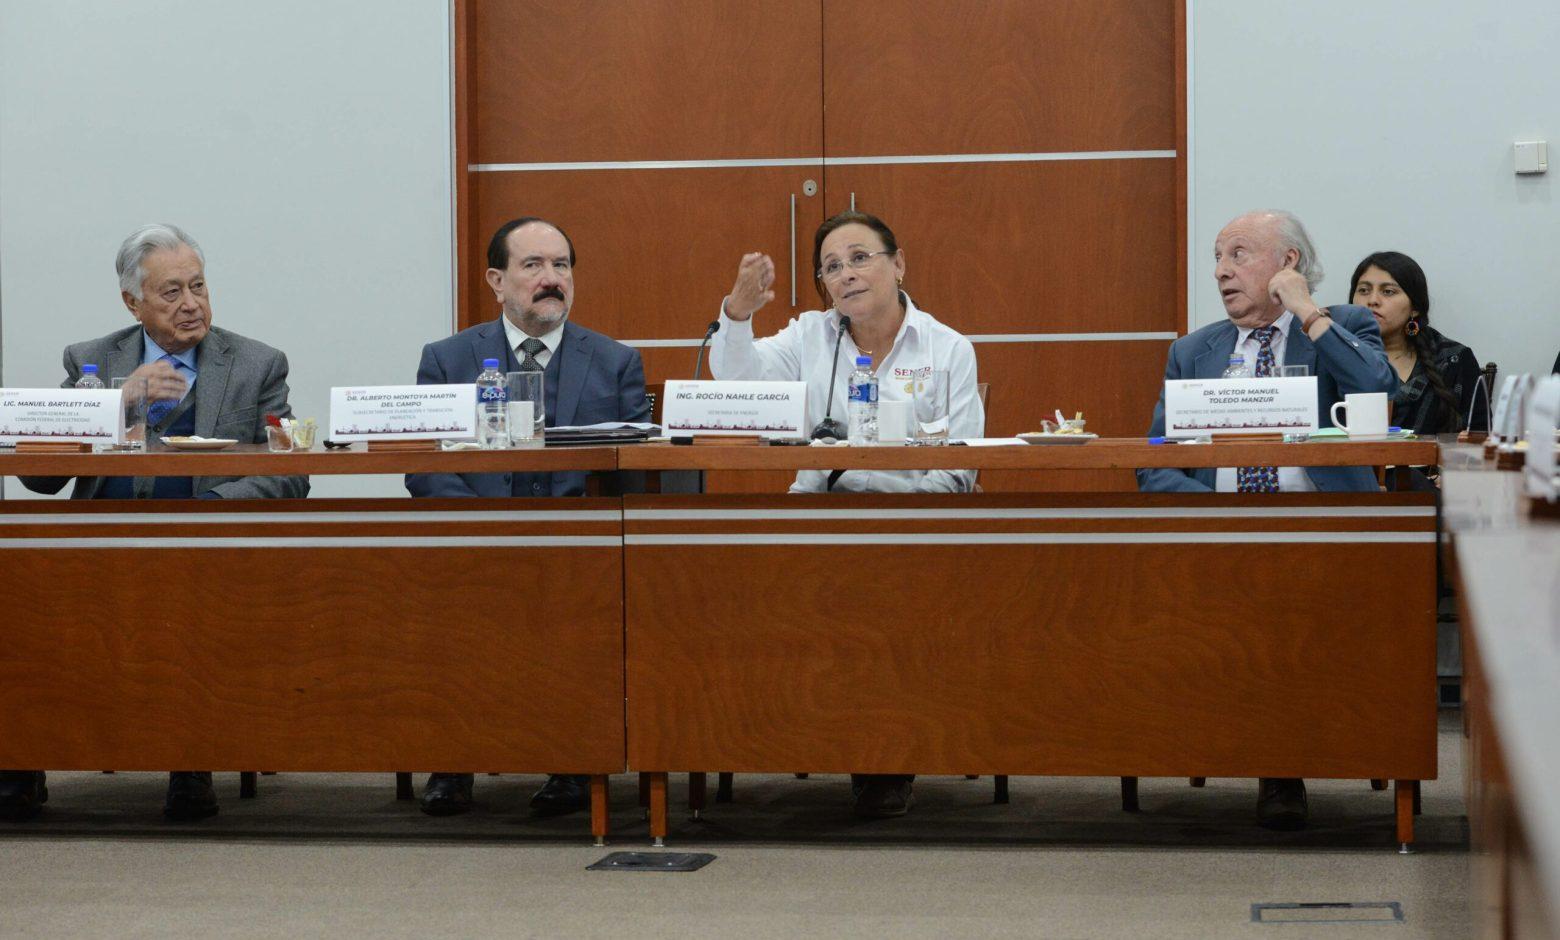 La Secretaria de Energía encabezó la reunión para la elaboración y posterior publicación del Programa Especial de Transición Energética 2019-2024...